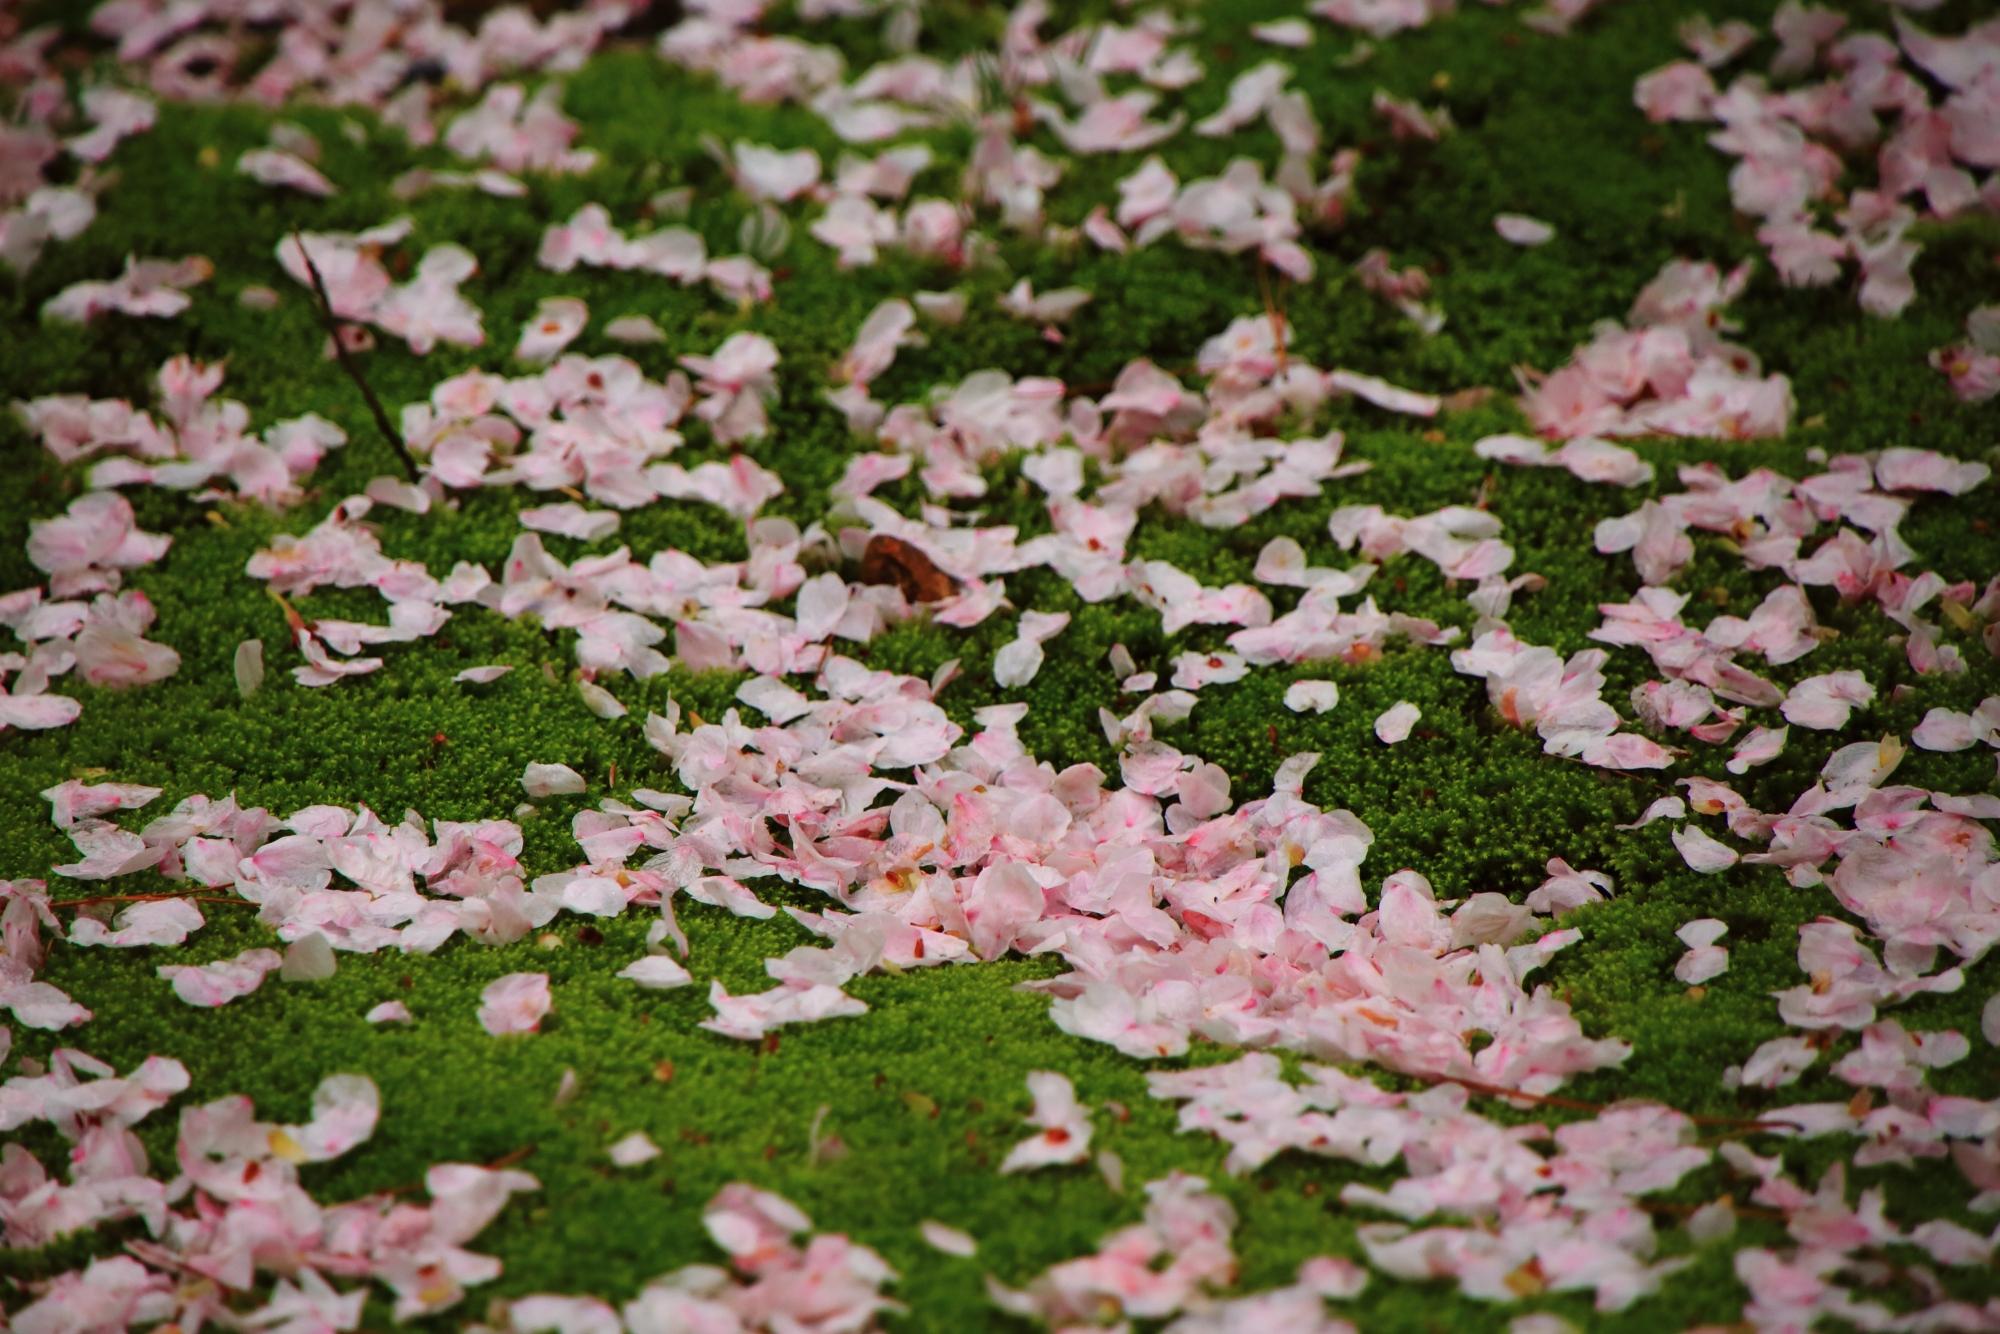 緑の苔を春色に彩るピンクの花びら